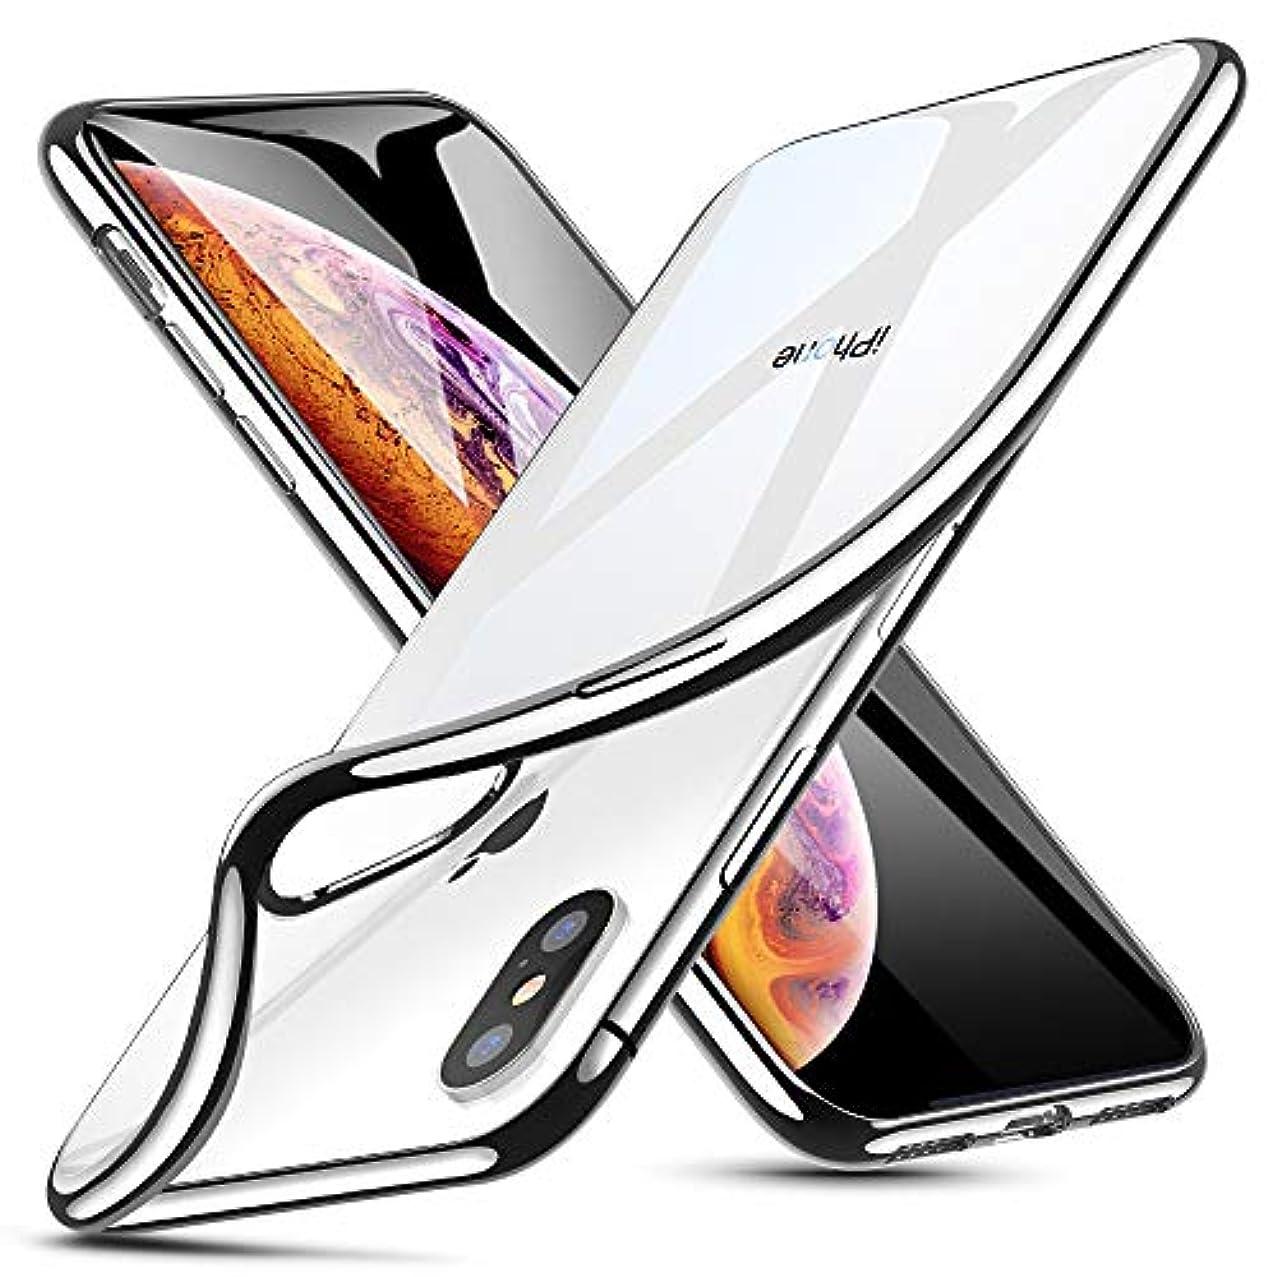 変化する焦がすのためにESR iPhone Xs Max対応 スマホケース(メッキ?シルバー)